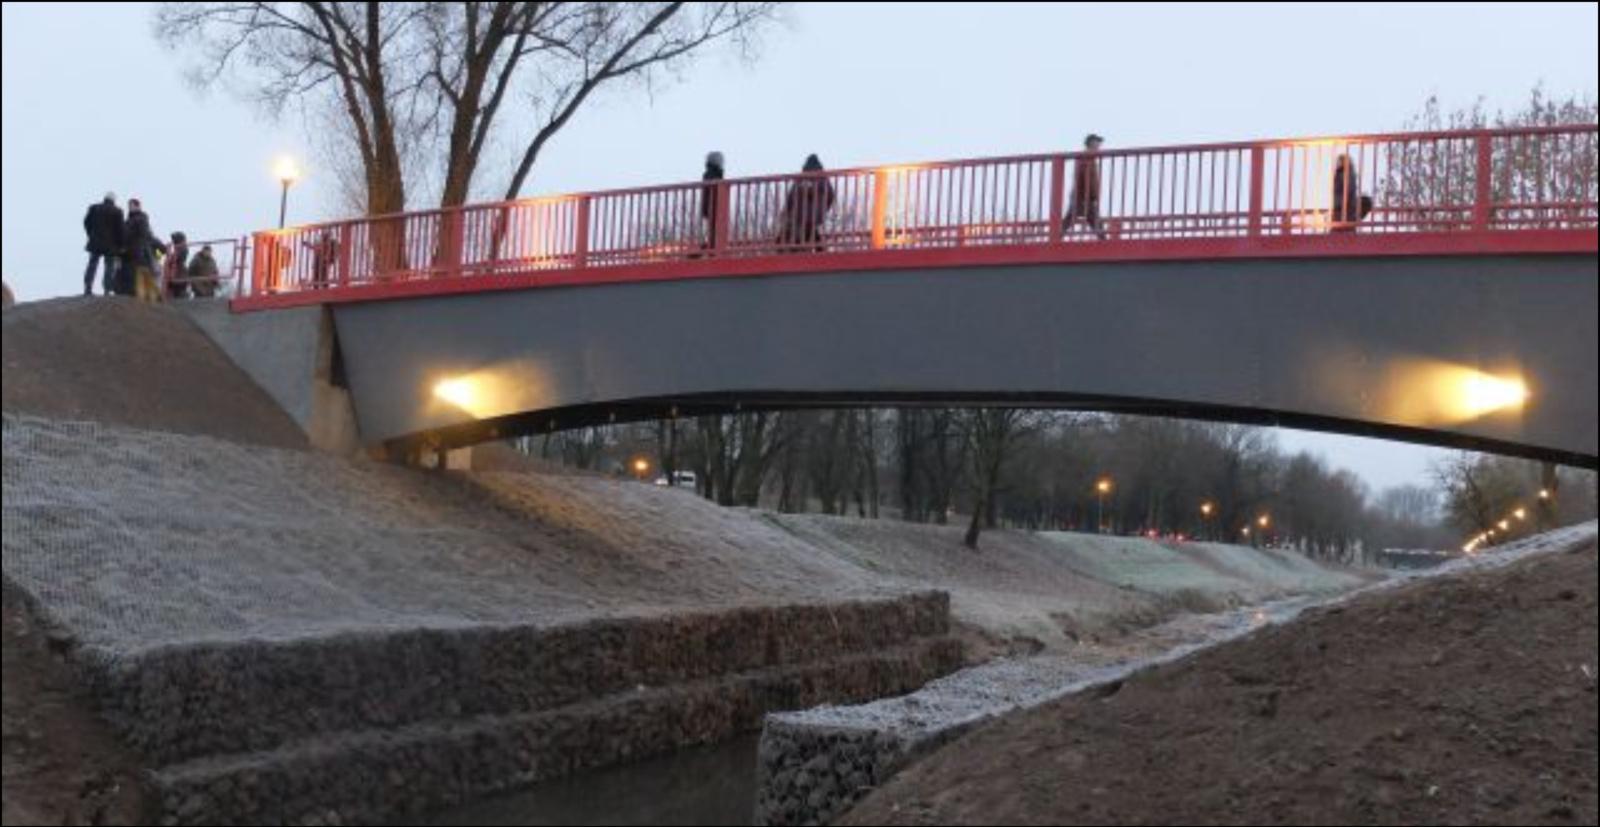 Atnaujintas daugiau kaip prieš 50 metų statytas tiltas per Smilgos upelį